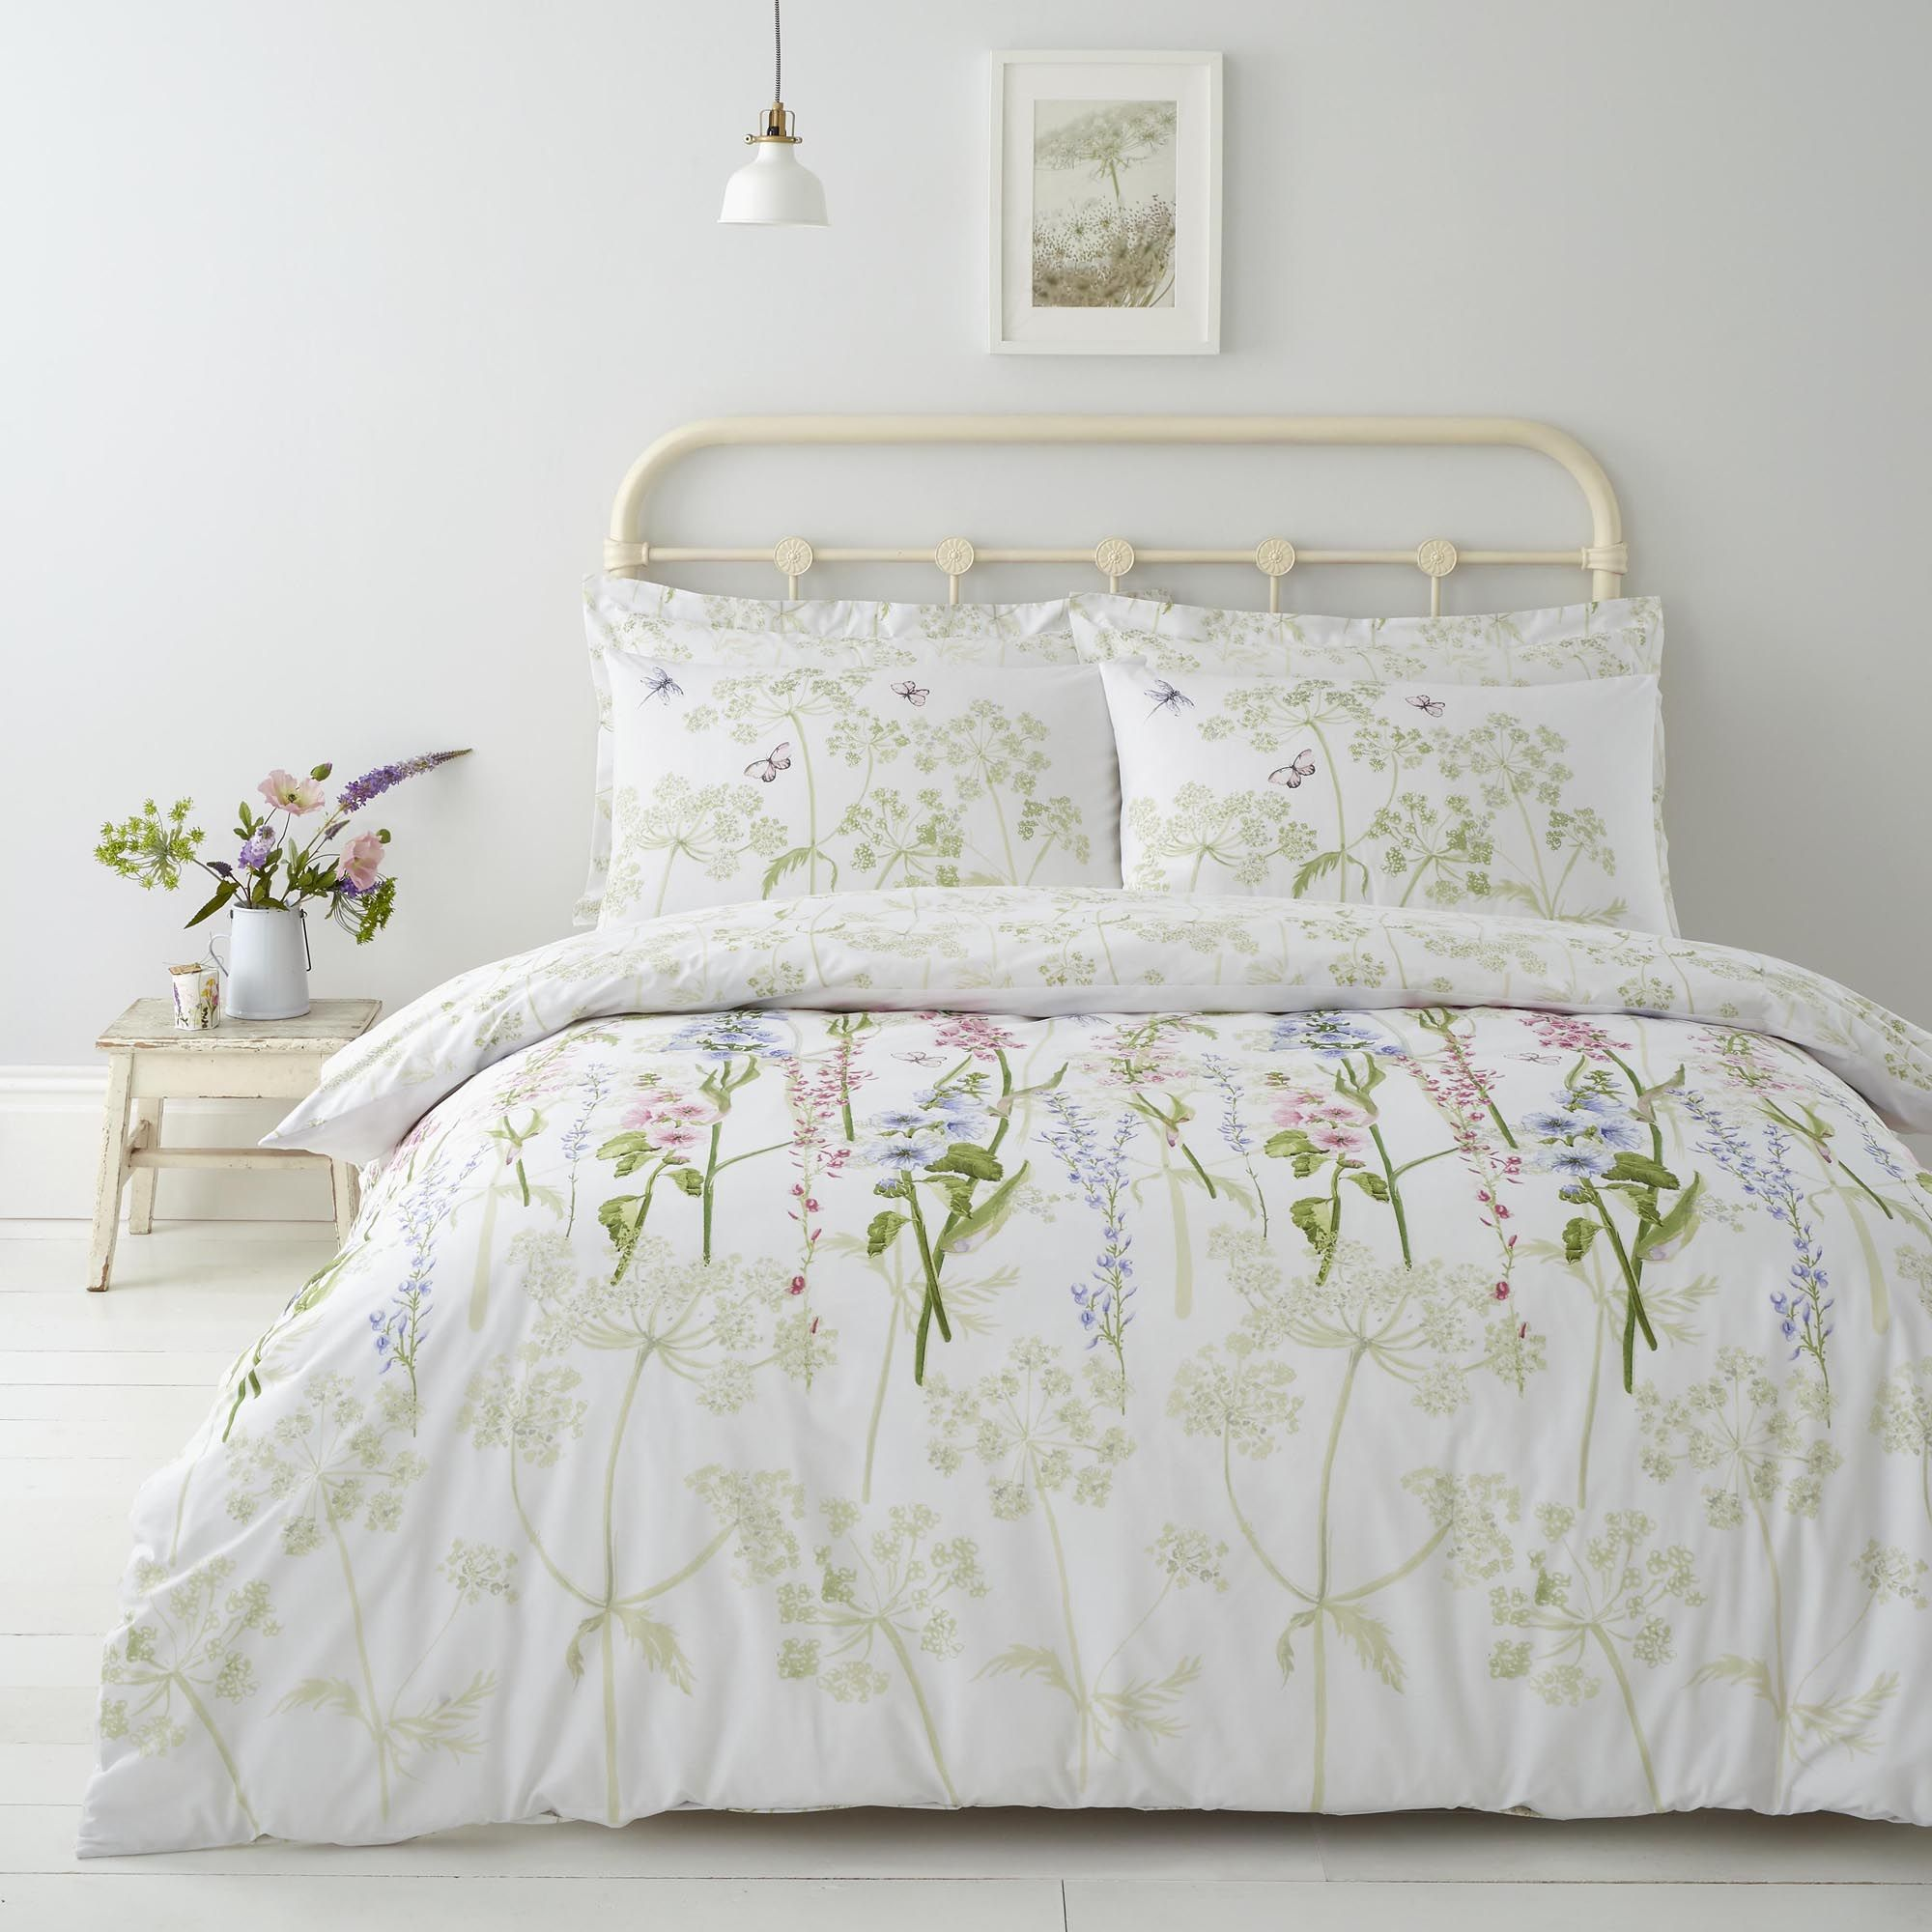 Felicity White Floral Reversible 100 Cotton Duvet Cover And Pillowcase Set Pink Duvet Cover 100 Cotton Duvet Covers Duvet Sets